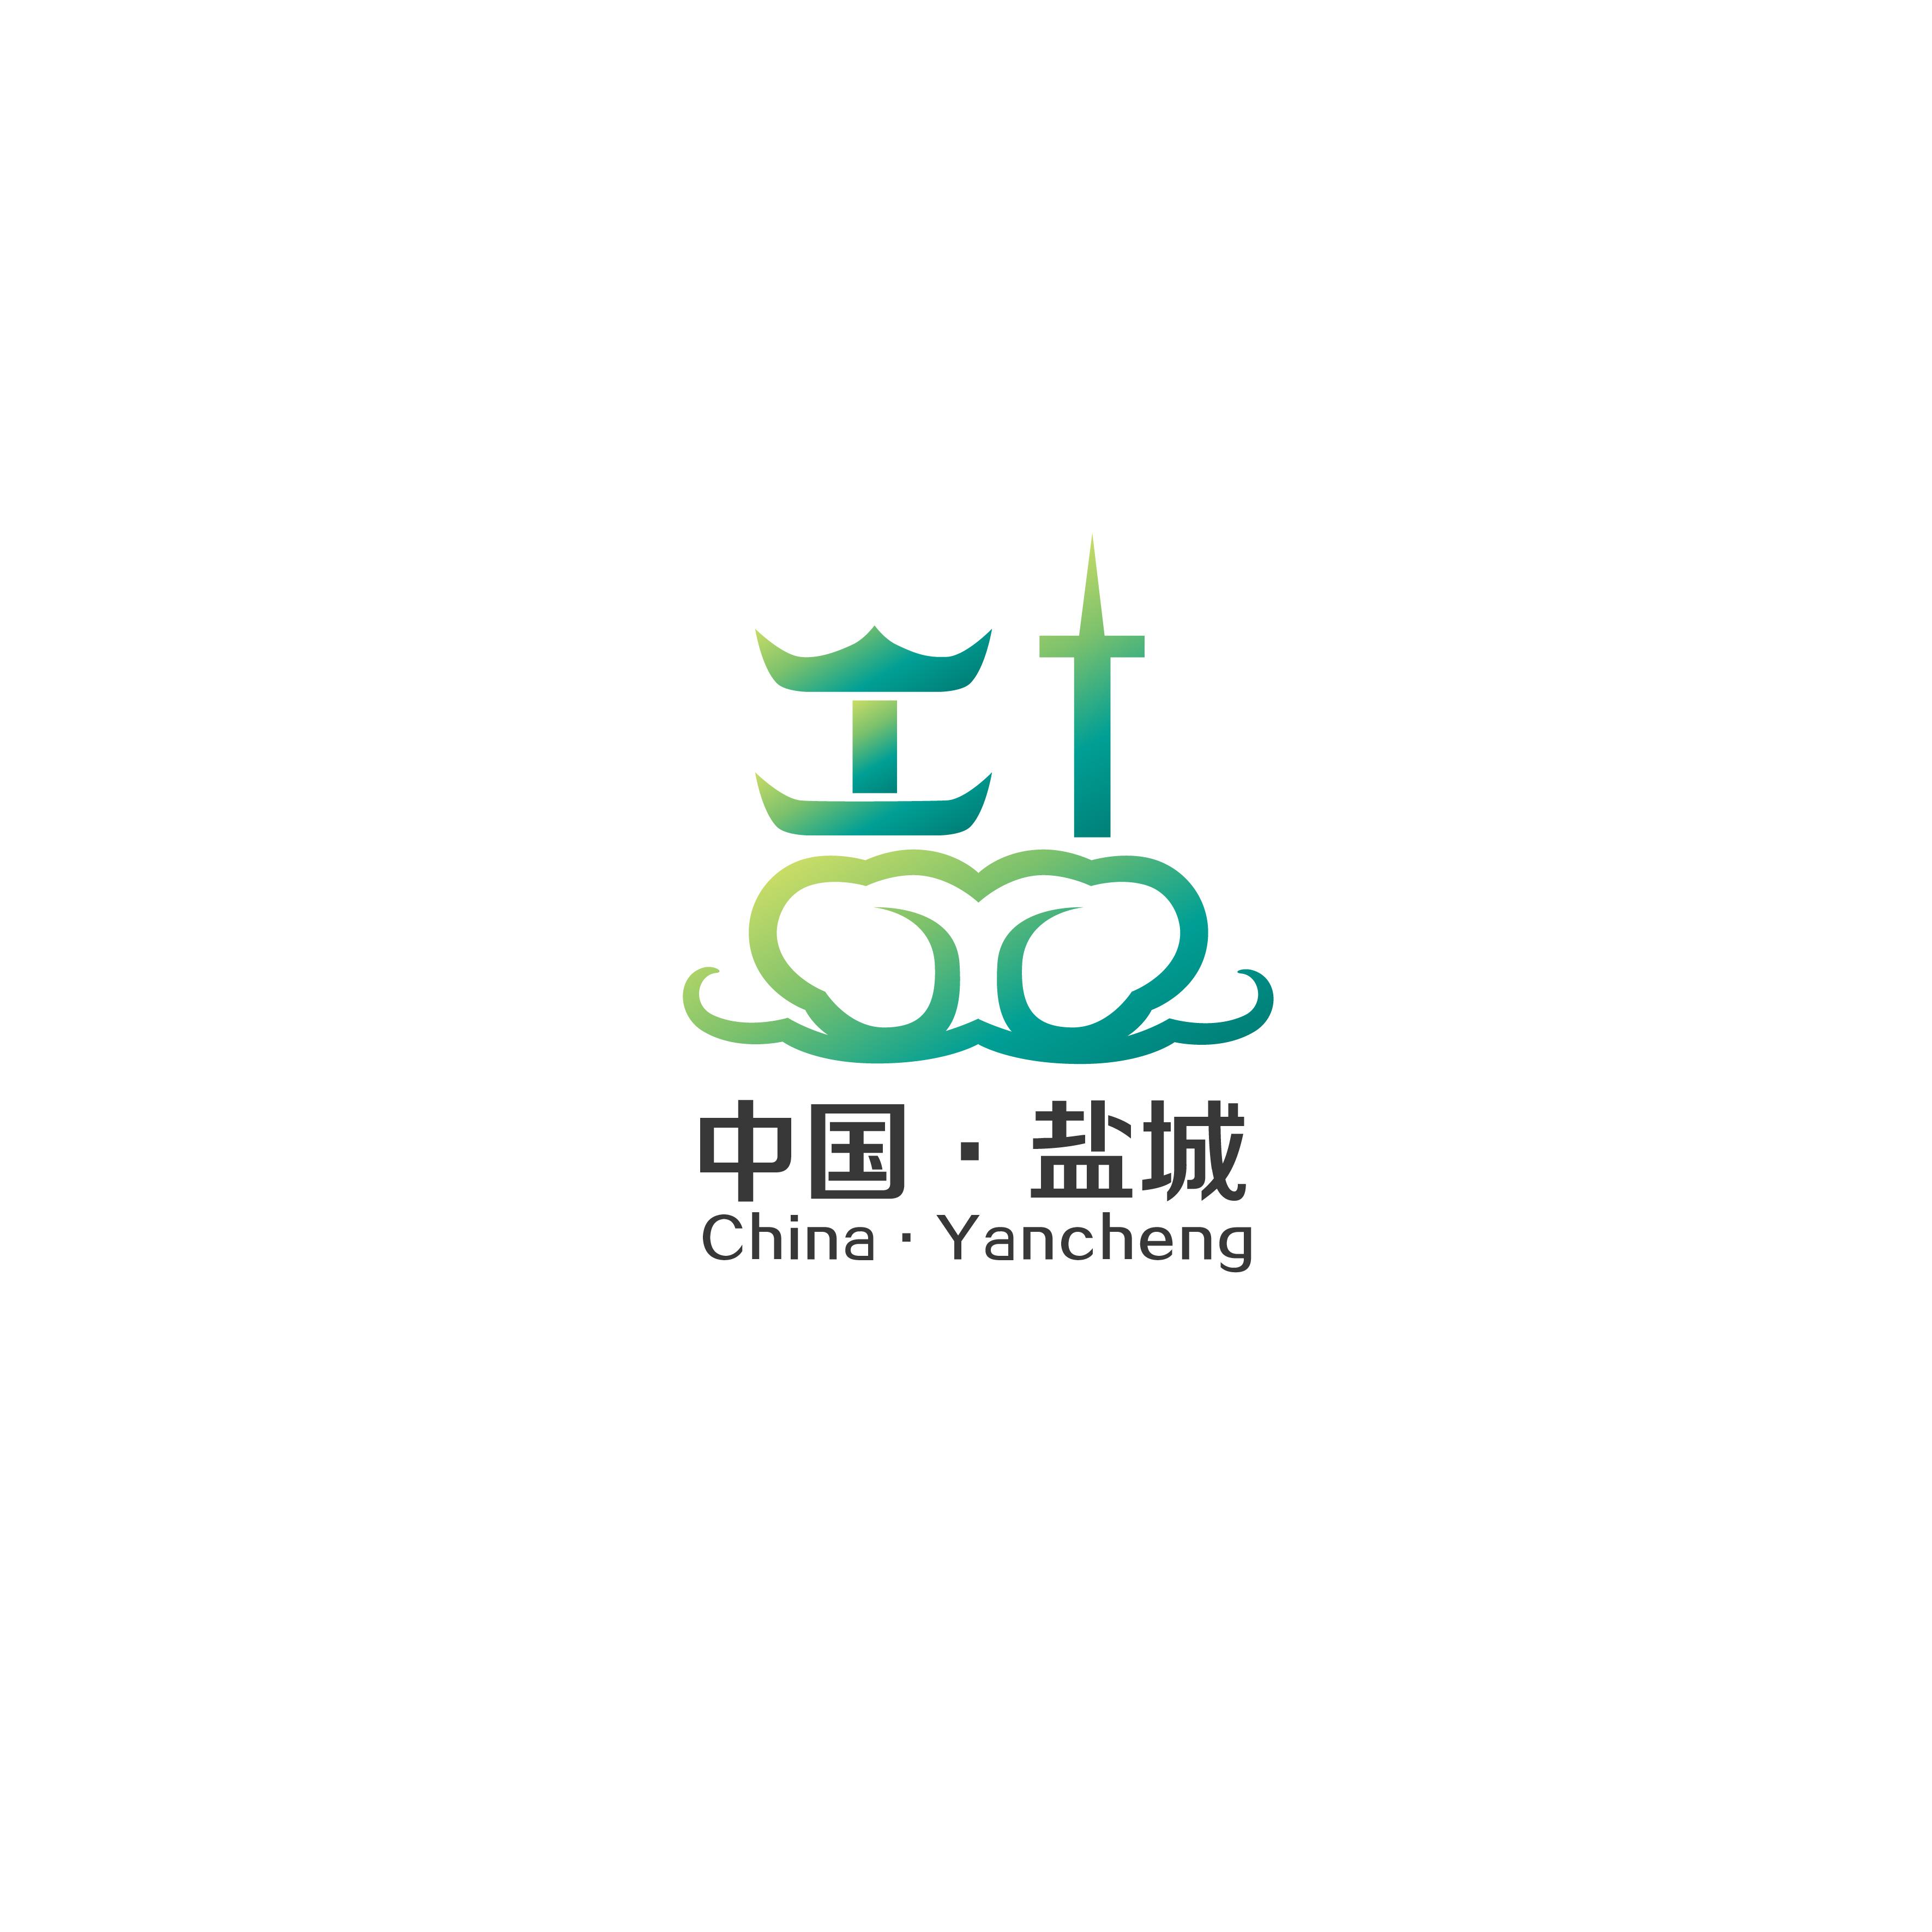 江苏省盐城市旅游形象标志设计